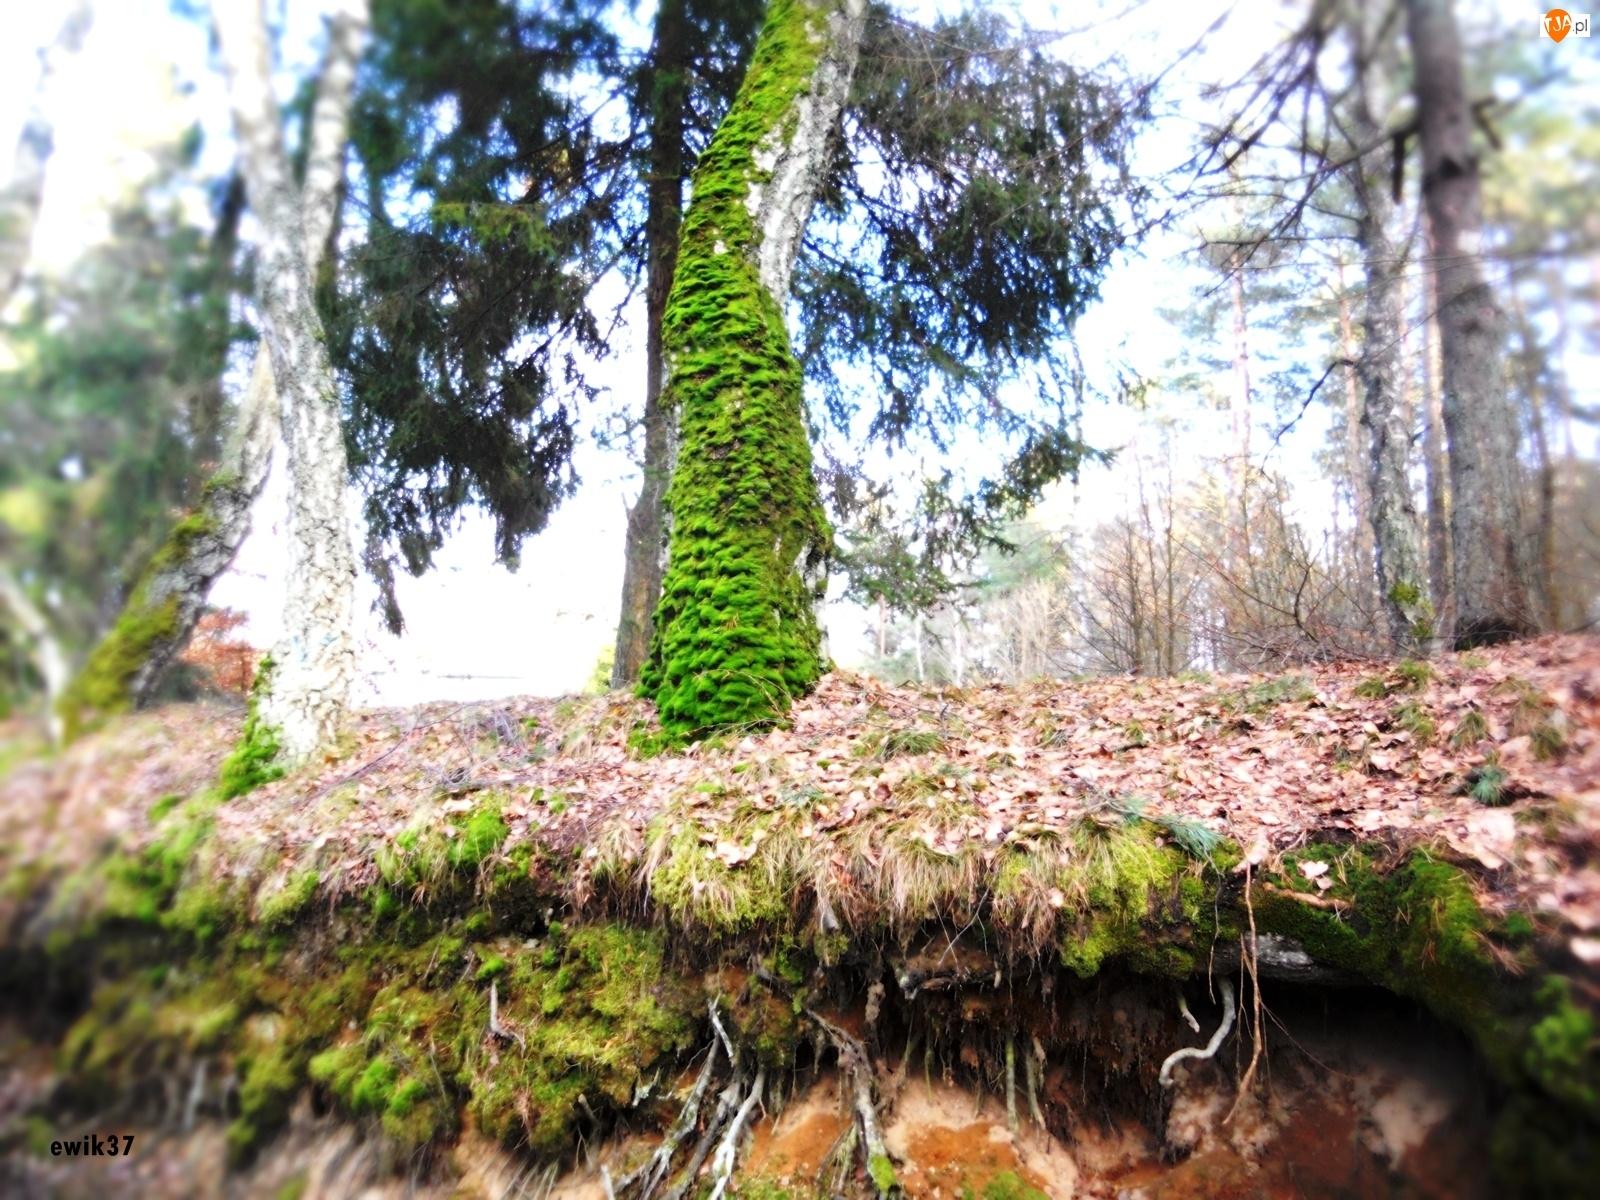 Korzenie, Las, Drzewo, Omszałe, Skarpa